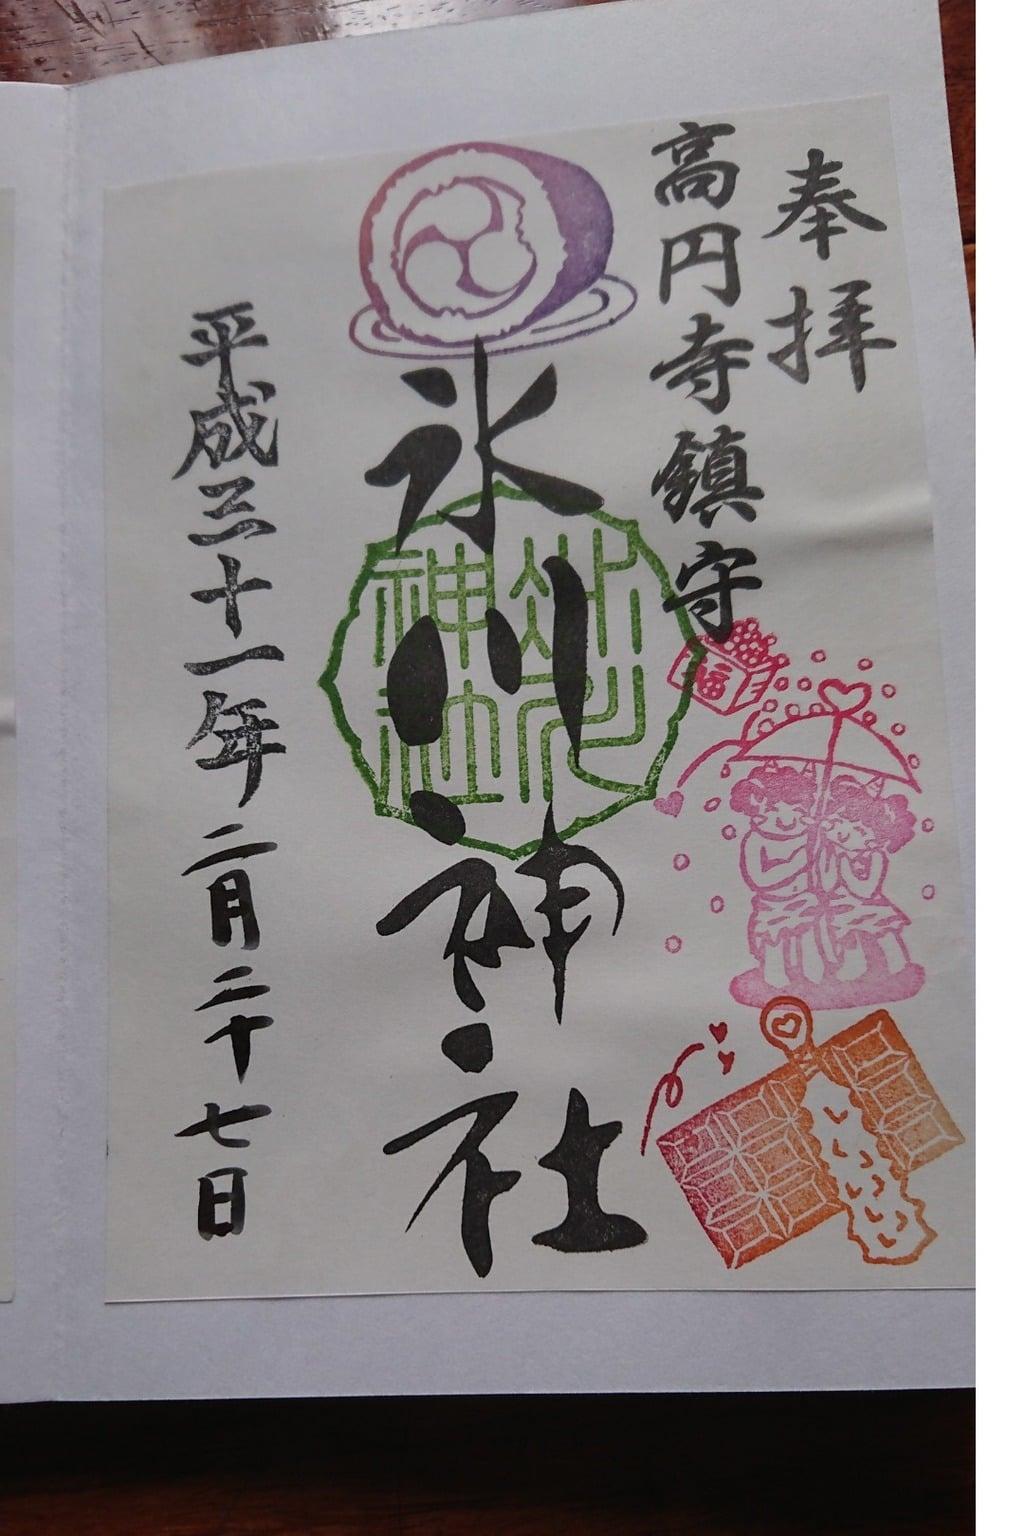 高円寺氷川神社の御朱印